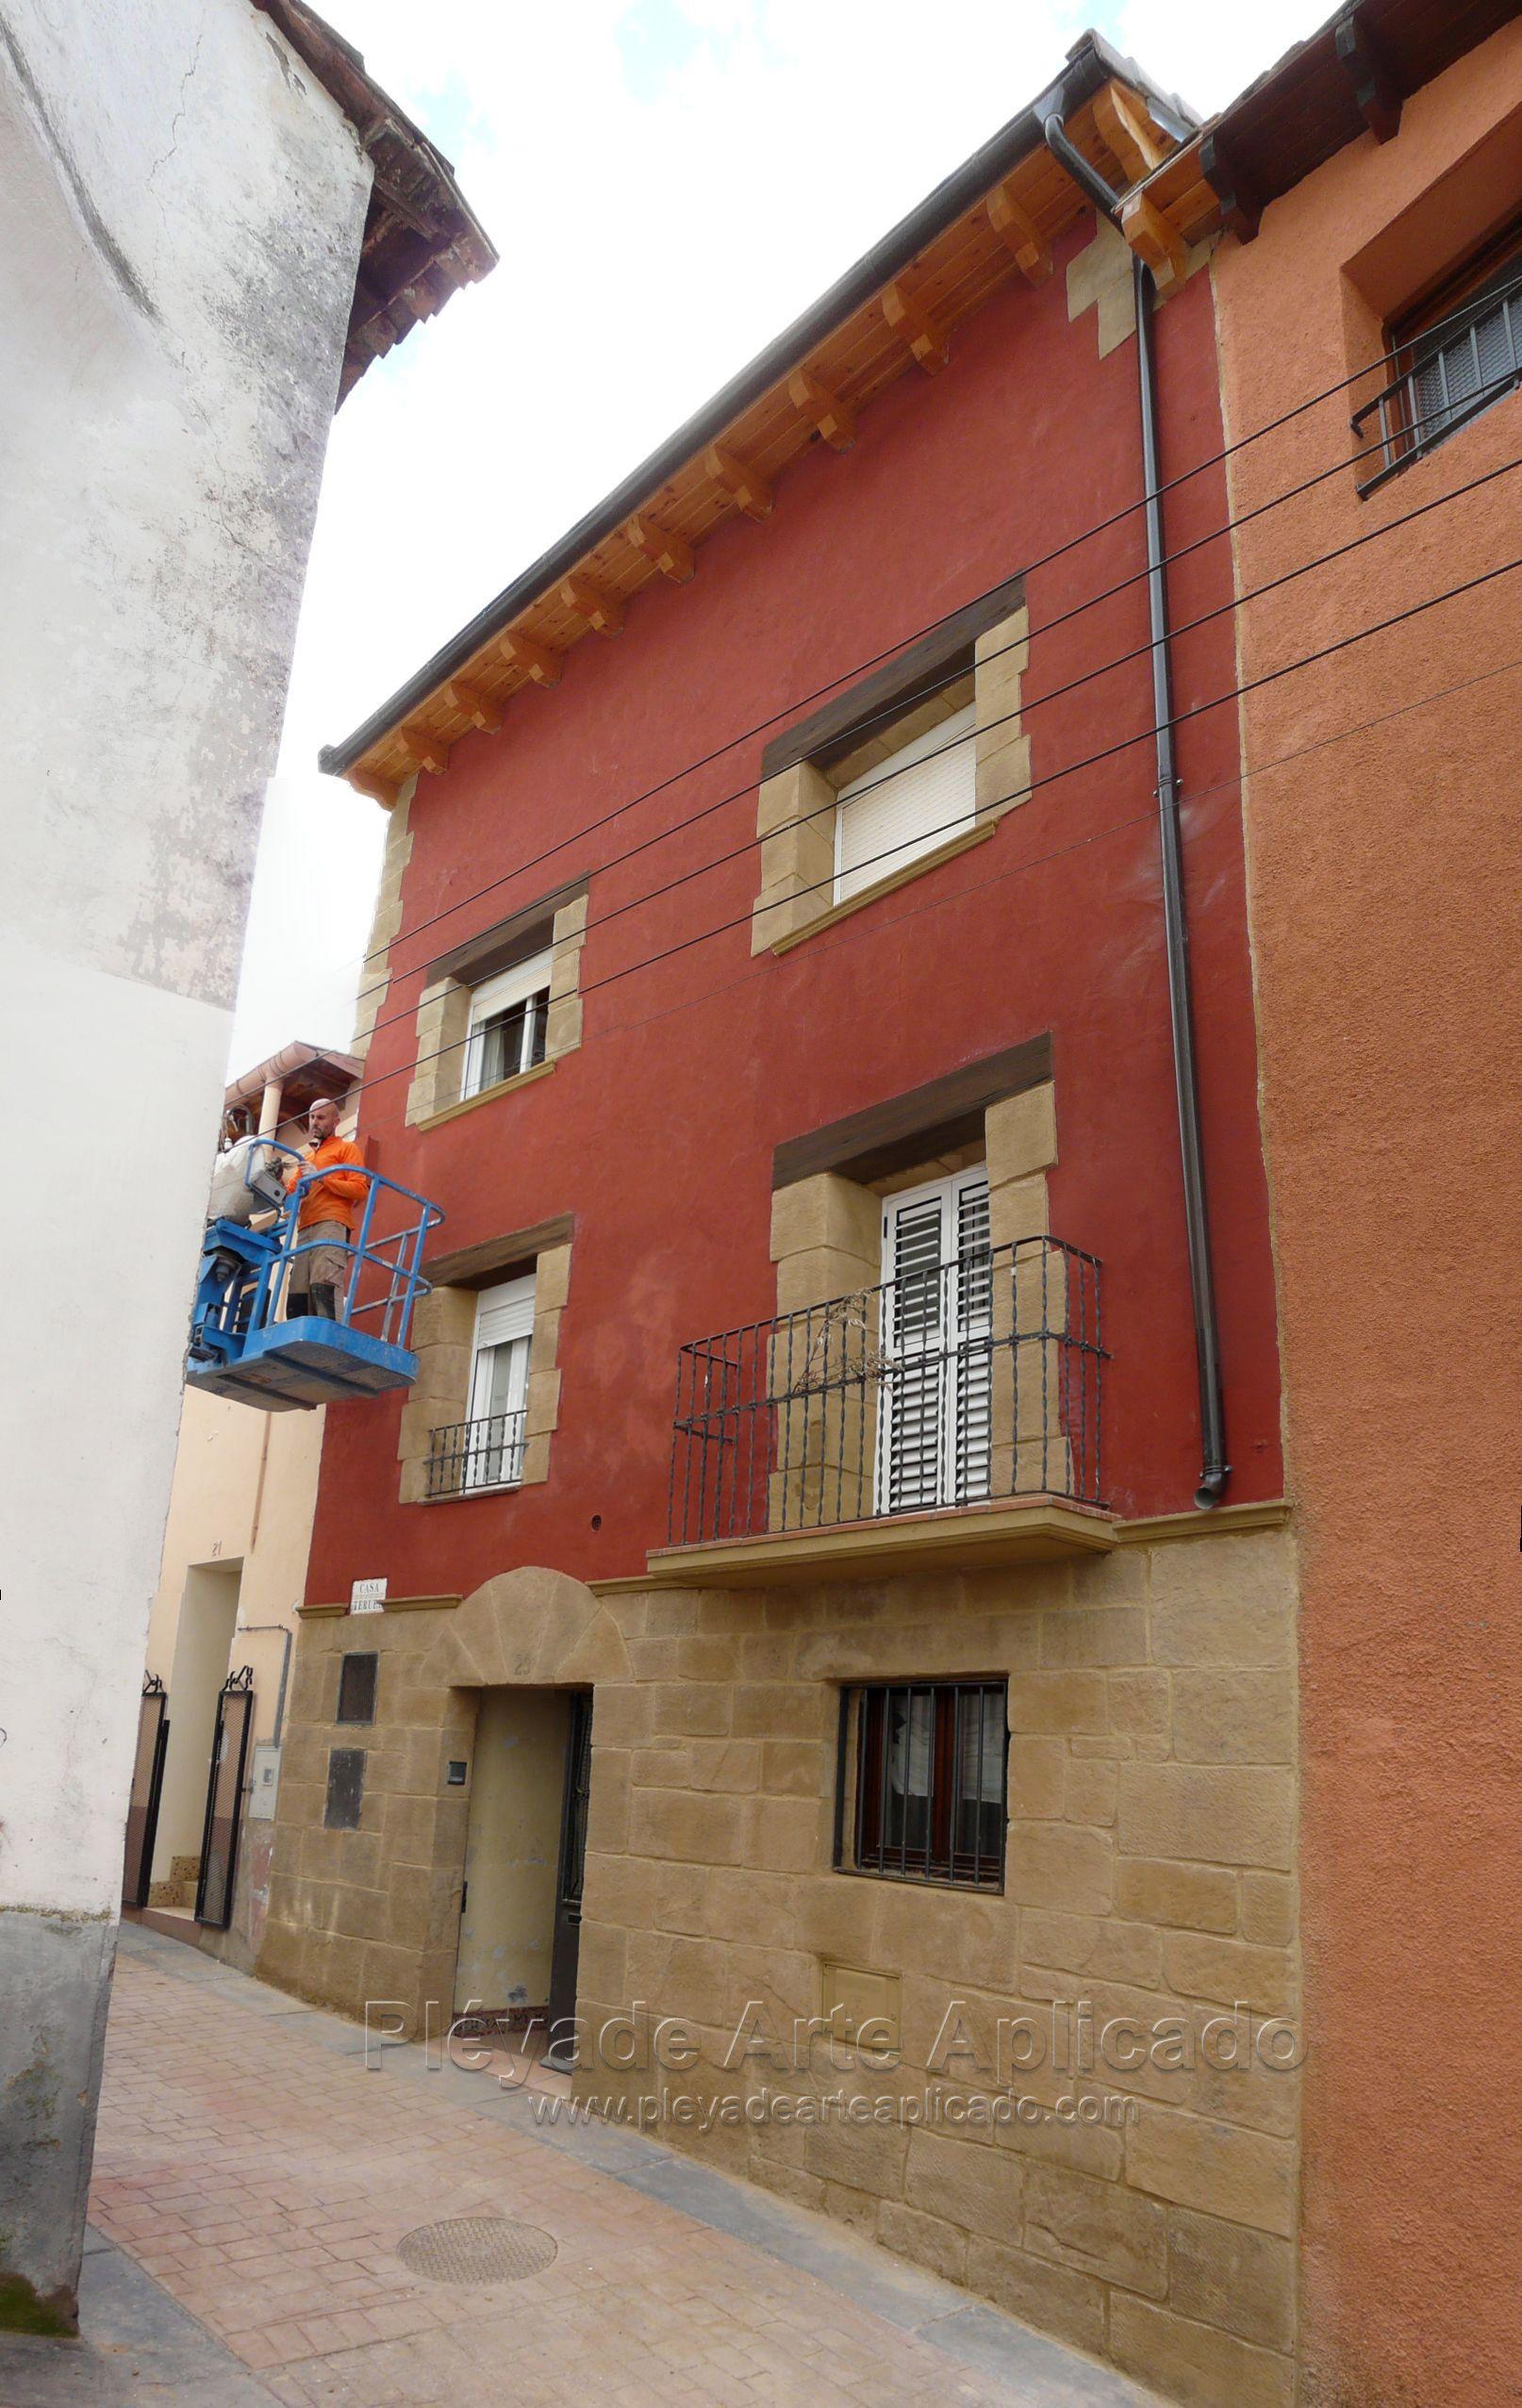 Decoraci n de fachada con piedra artificial y estuco fachadas pinterest decoracion de - Piedra artificial para fachadas ...